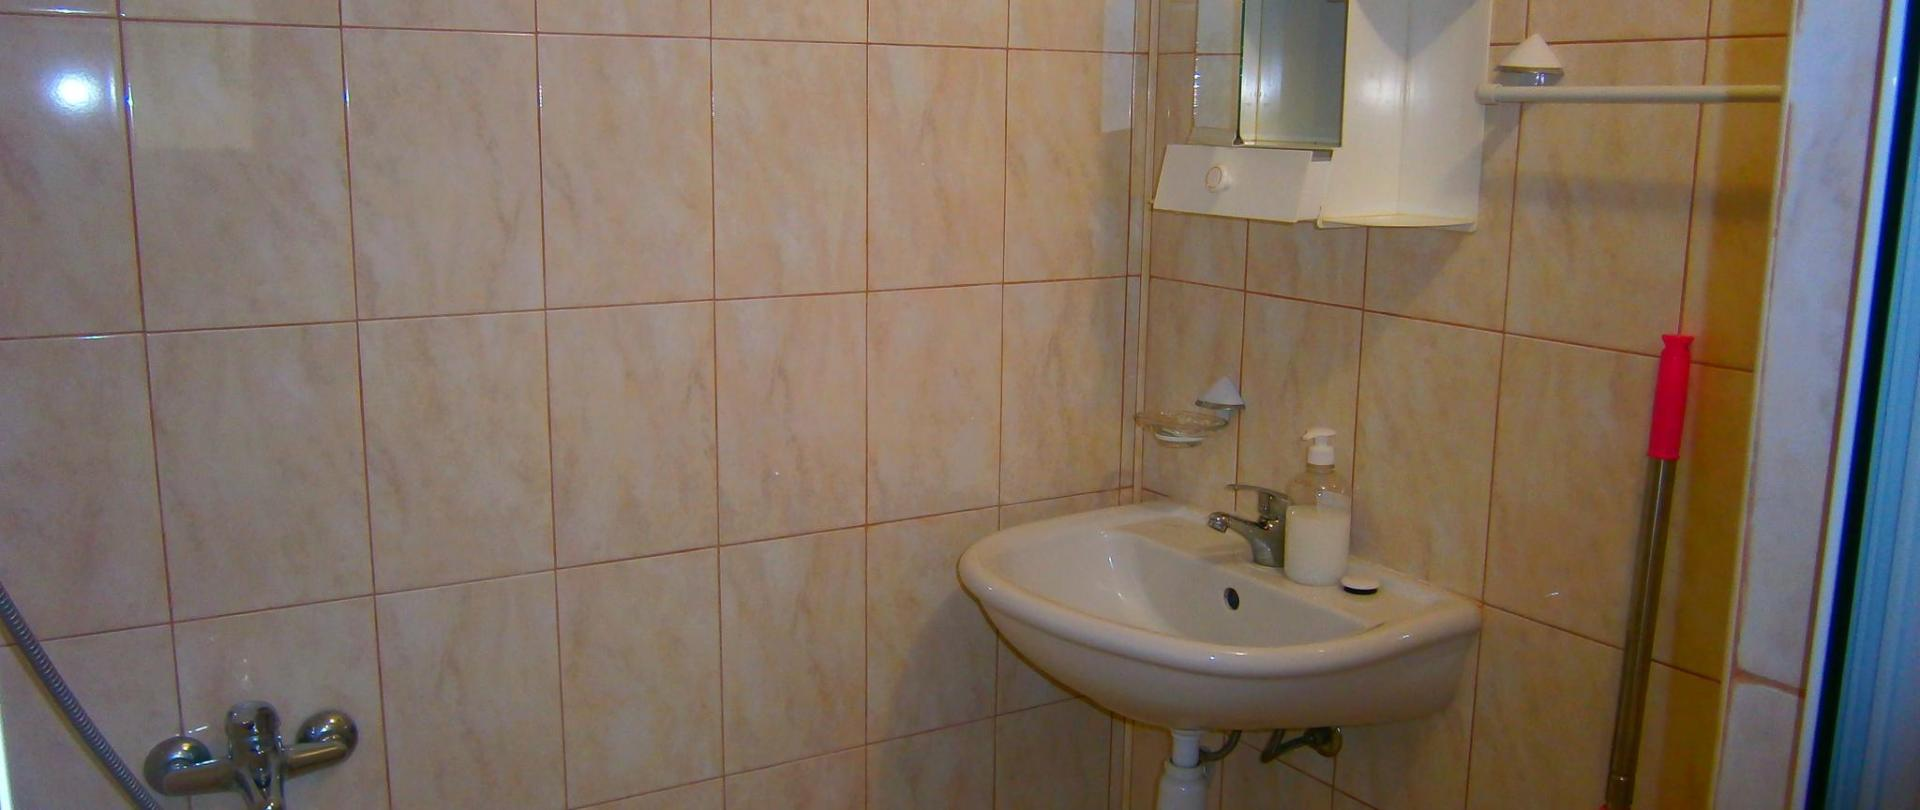 czteroosobowy pokój w łazience